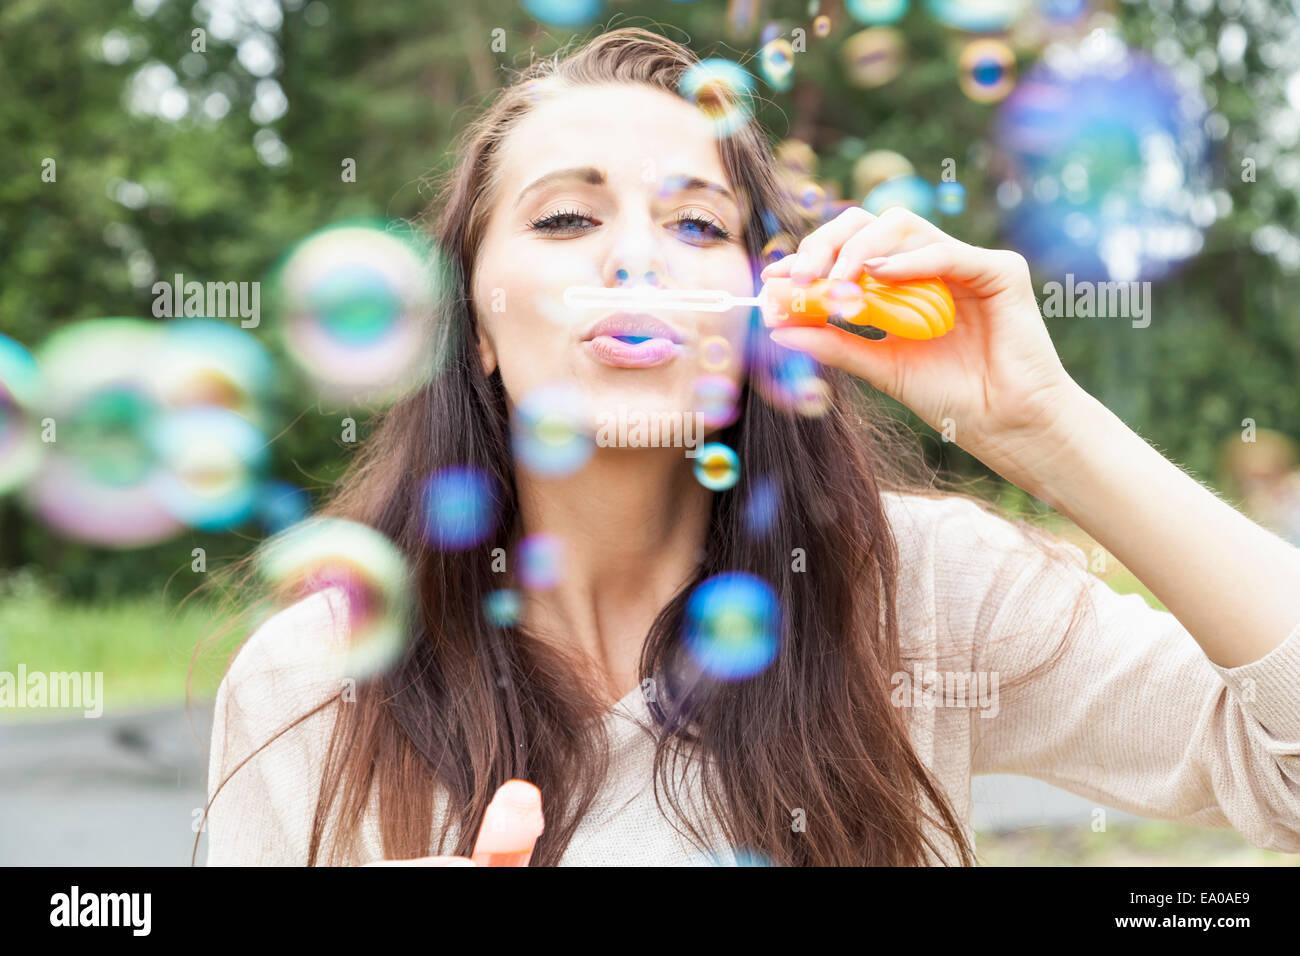 Mujer joven soplando burbujas Imagen De Stock